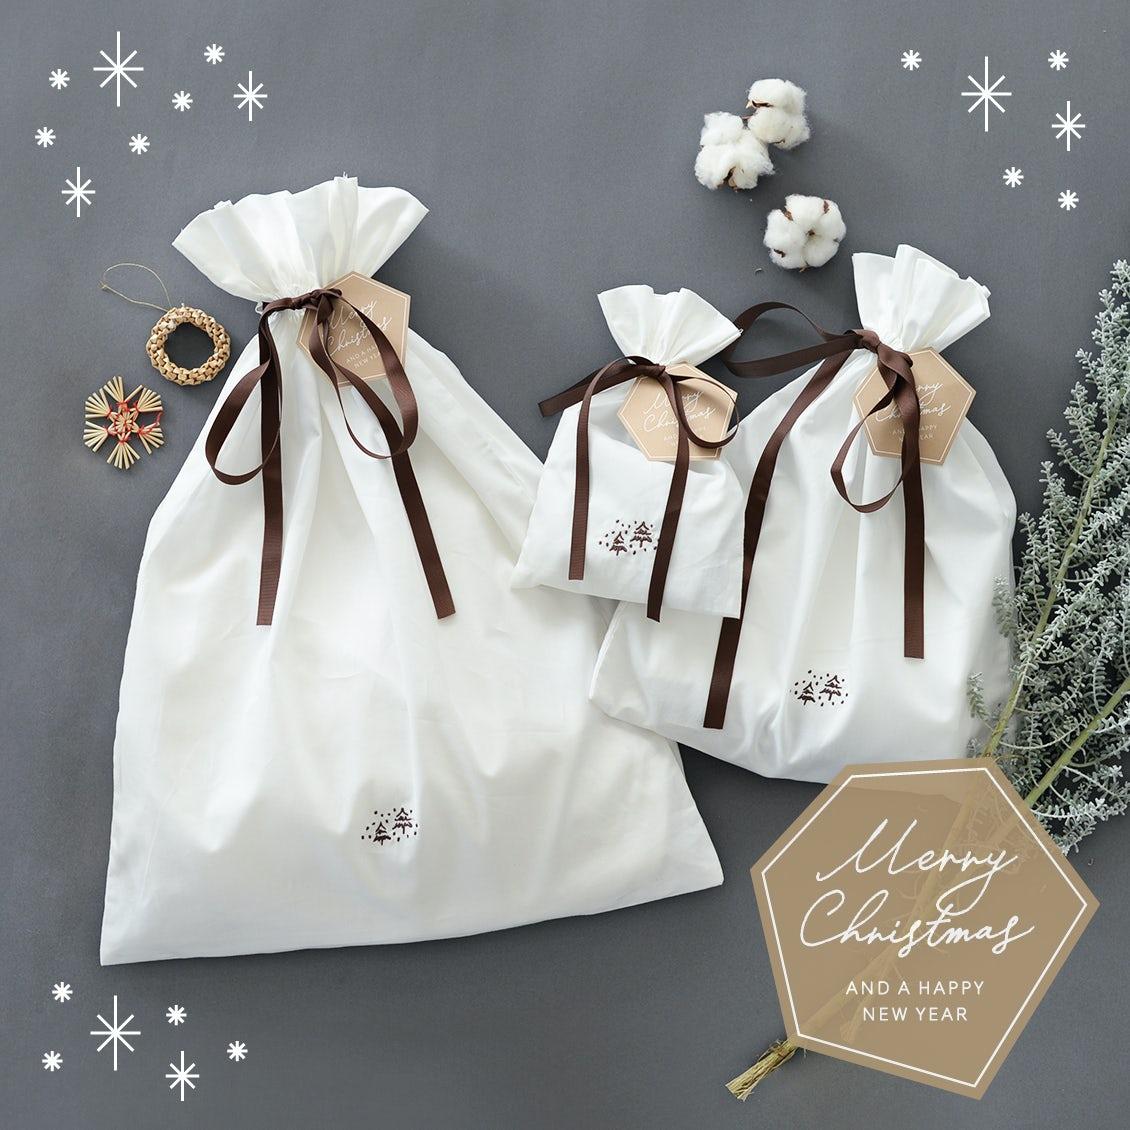 【数量限定】どれを贈ろう? 今年は全6種類の「クリスマス限定ギフトバッグ」が登場です!